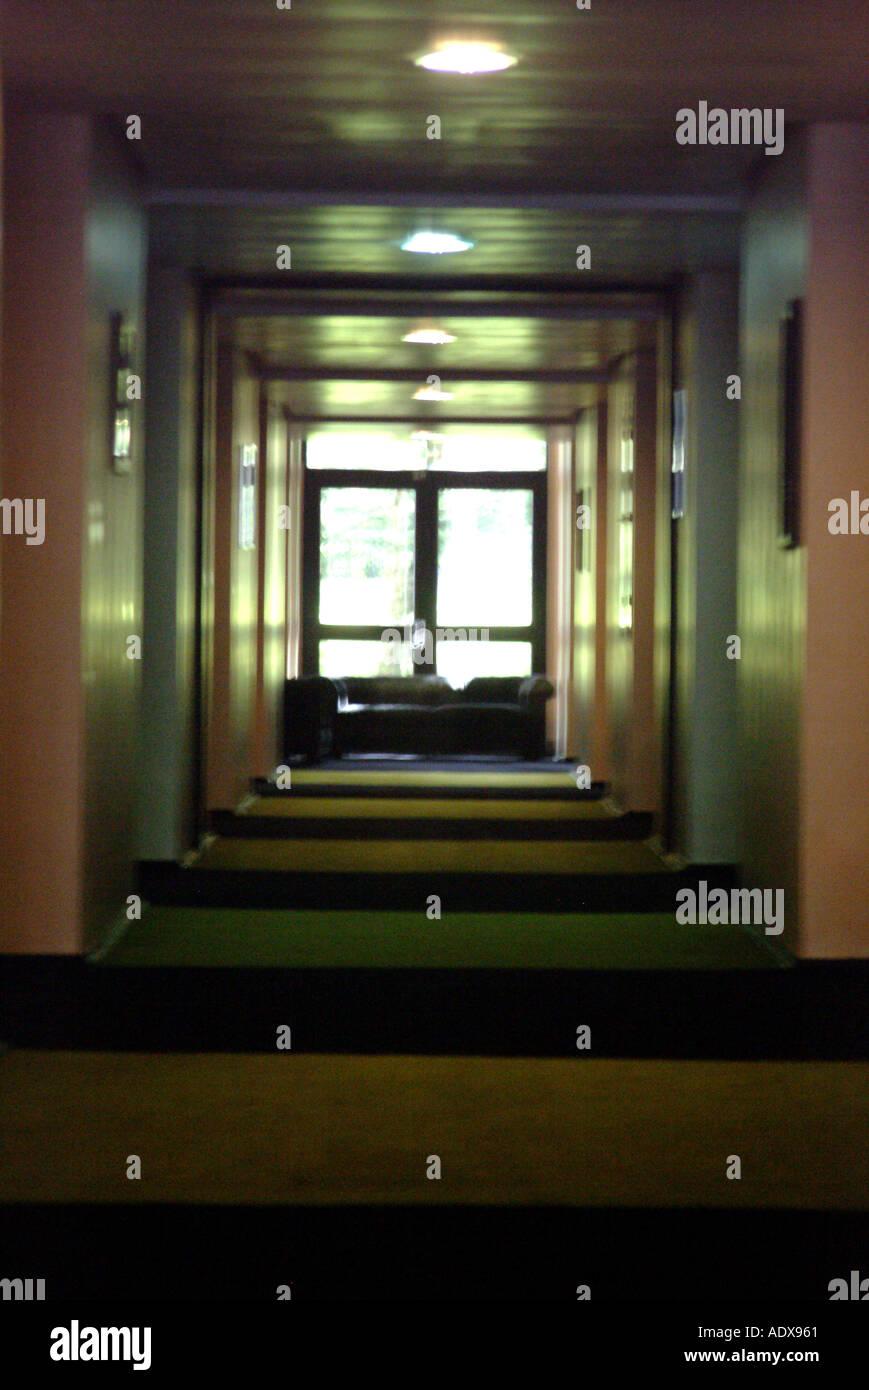 Teppich flur lang  Architektur Flur Flur Lichter lange Hallenwänden Teppich dunkel ...